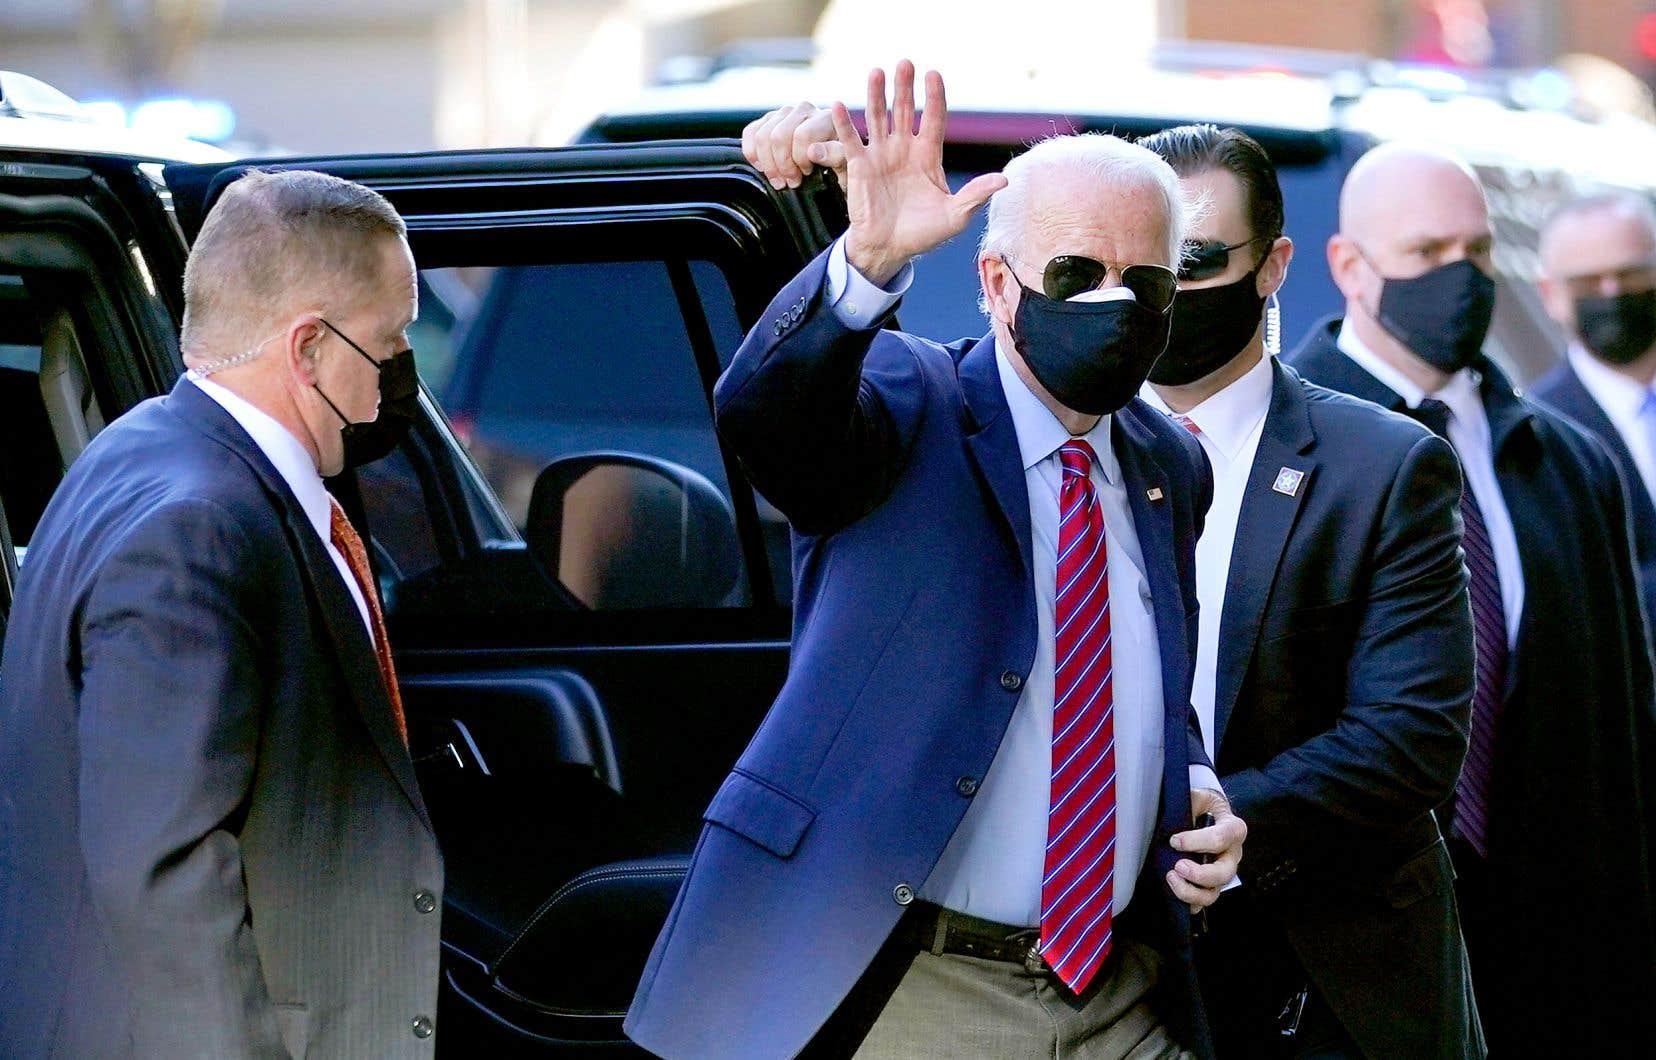 Plus de deux semaines après l'annonce de sa défaite à la présidentielle américaine, Donald Trump a finalement donné lundi soir son feu vert à l'ouverture du processus de transition vers un gouvernement Biden. Le président républicain sortant s'est par contre bien gardé de reconnaître directement la victoire de Joe Biden, promettant de poursuivre un «juste combat» alors qu'il multiplie les recours en justice, sans succès, pour tenter de démontrer des fraudes lors du scrutin du 3 novembre. Joe Biden a confirmé plus tôt en journée qu'il comptait renouer avec les institutions internationales en nommant au sein de son équipe des fonctionnaires et des diplomates de carrière